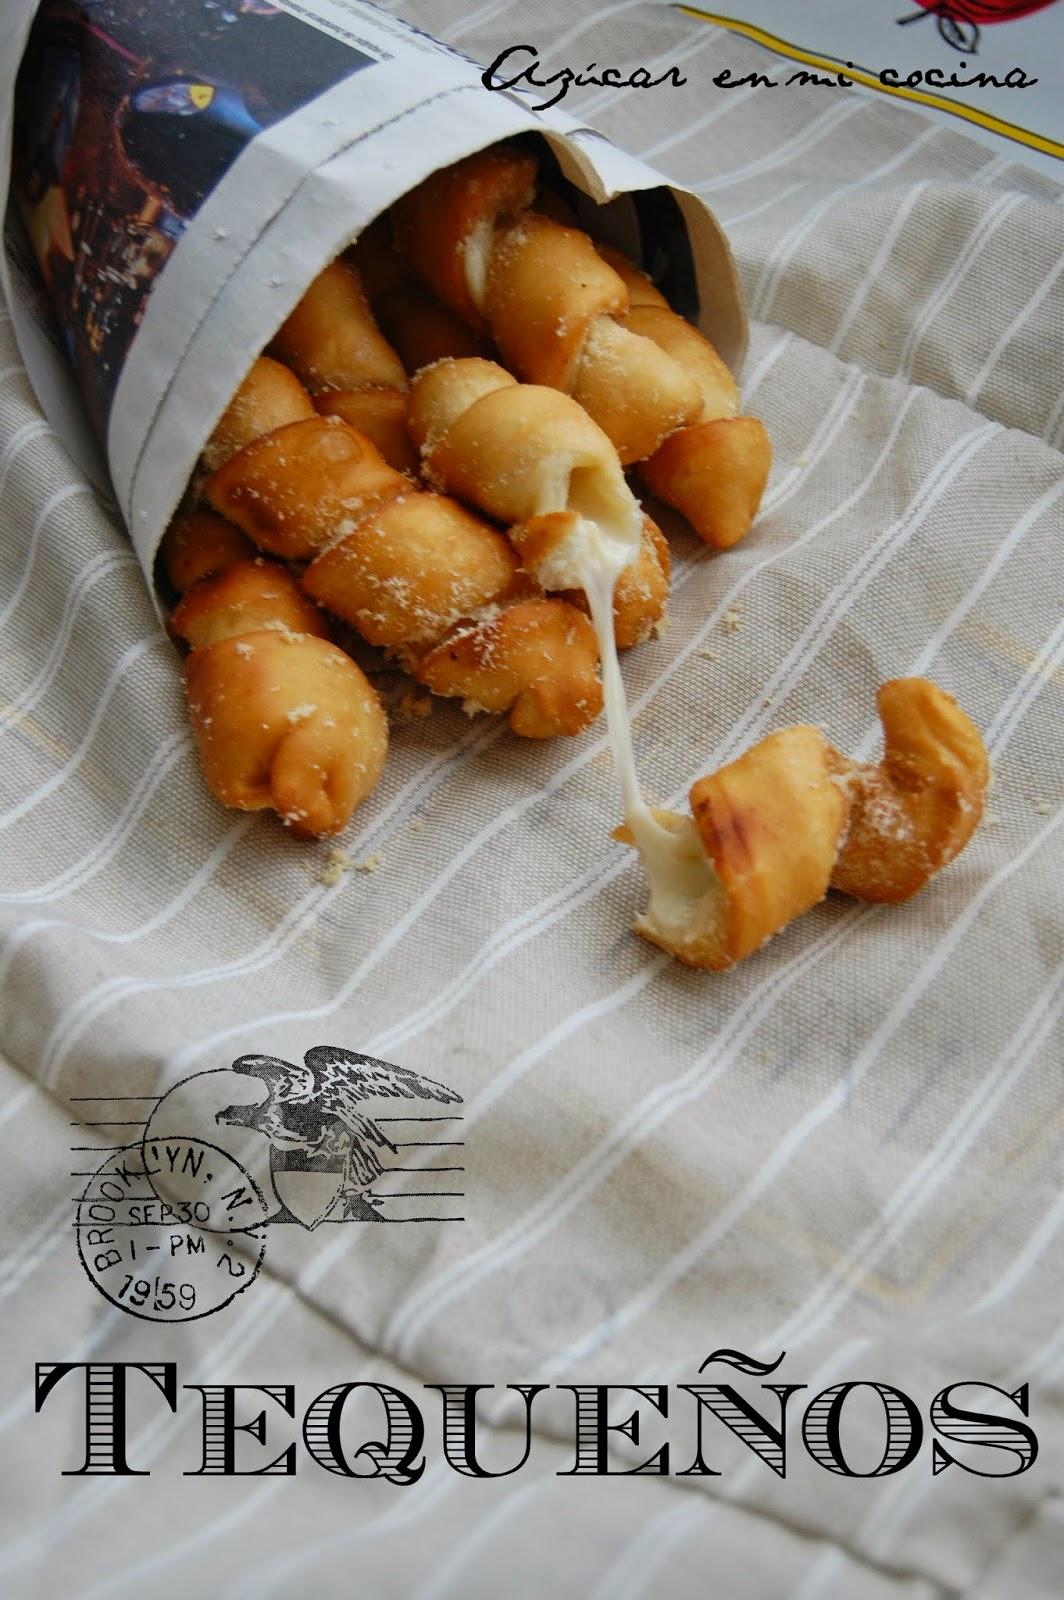 http://azucarenmicocina.blogspot.com.es/2014/10/tequenos-pequenas-delicias-saladas-de.html